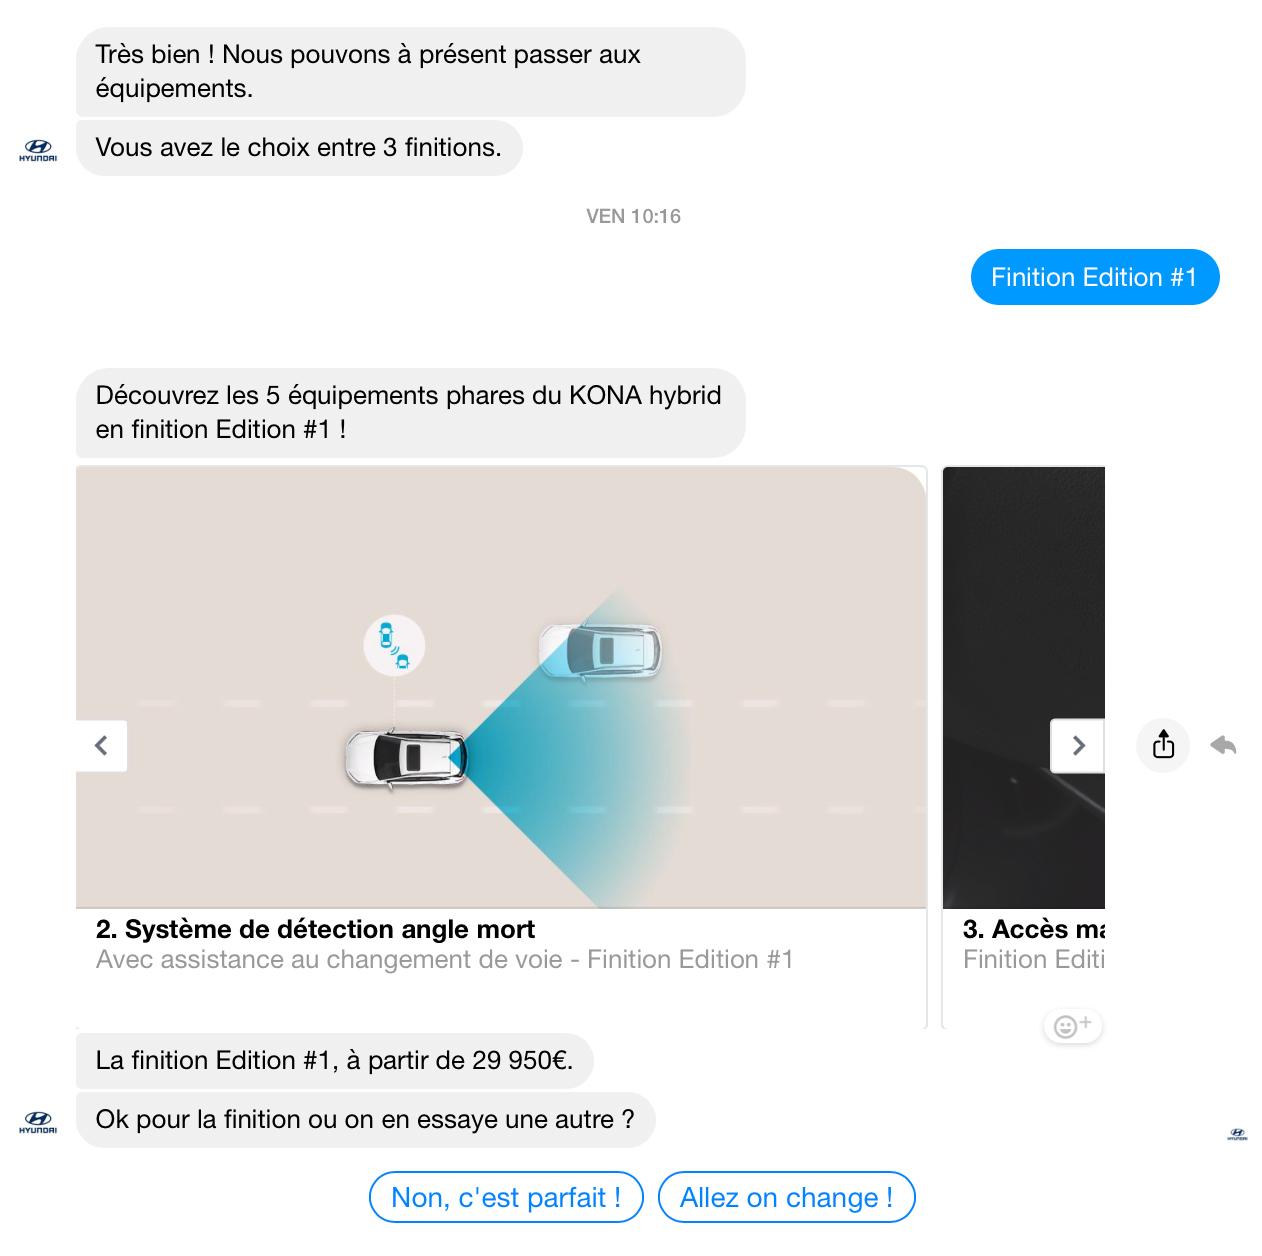 Chatbot-Messenger-Hyundai.jpg#asset:1140